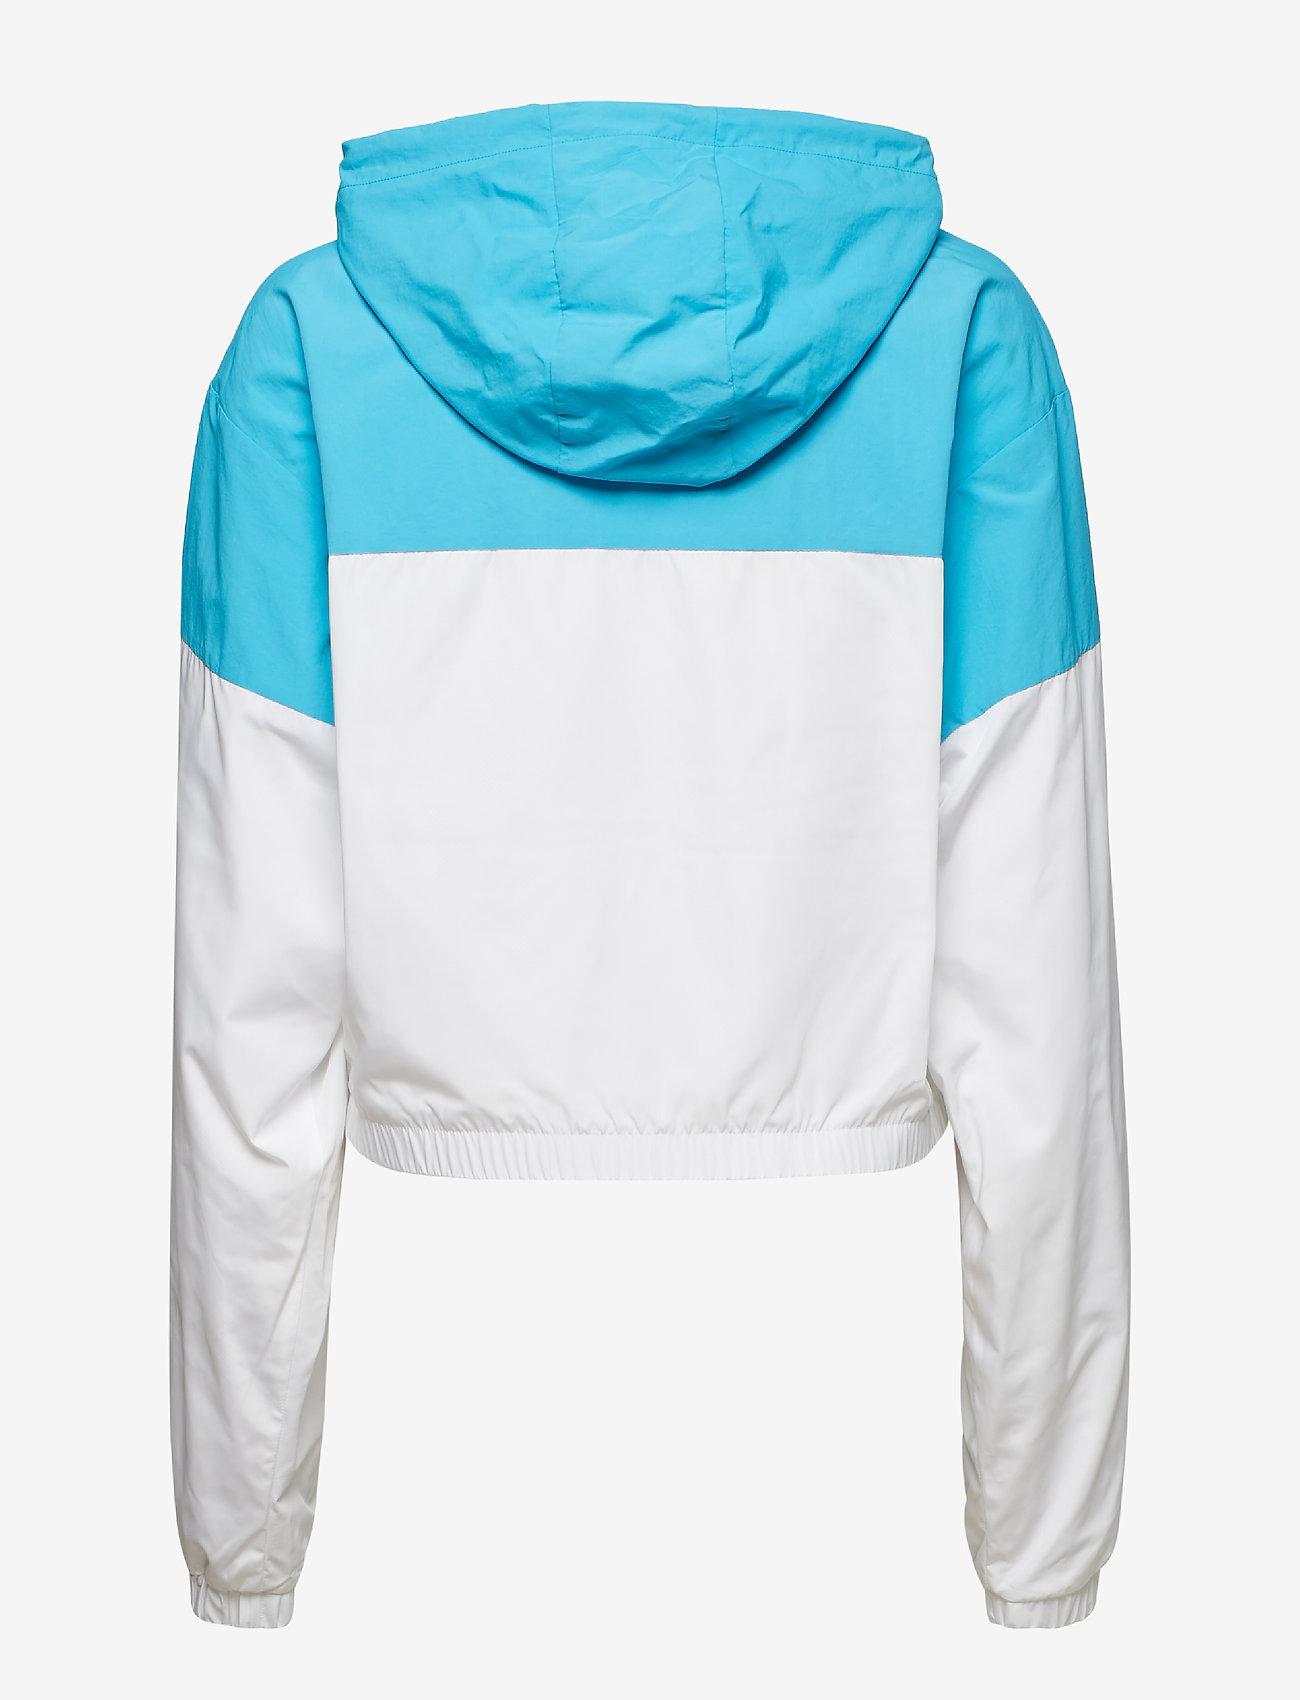 Cb Wind Jacket (Bright White) (780 kr) - Calvin Klein Performance